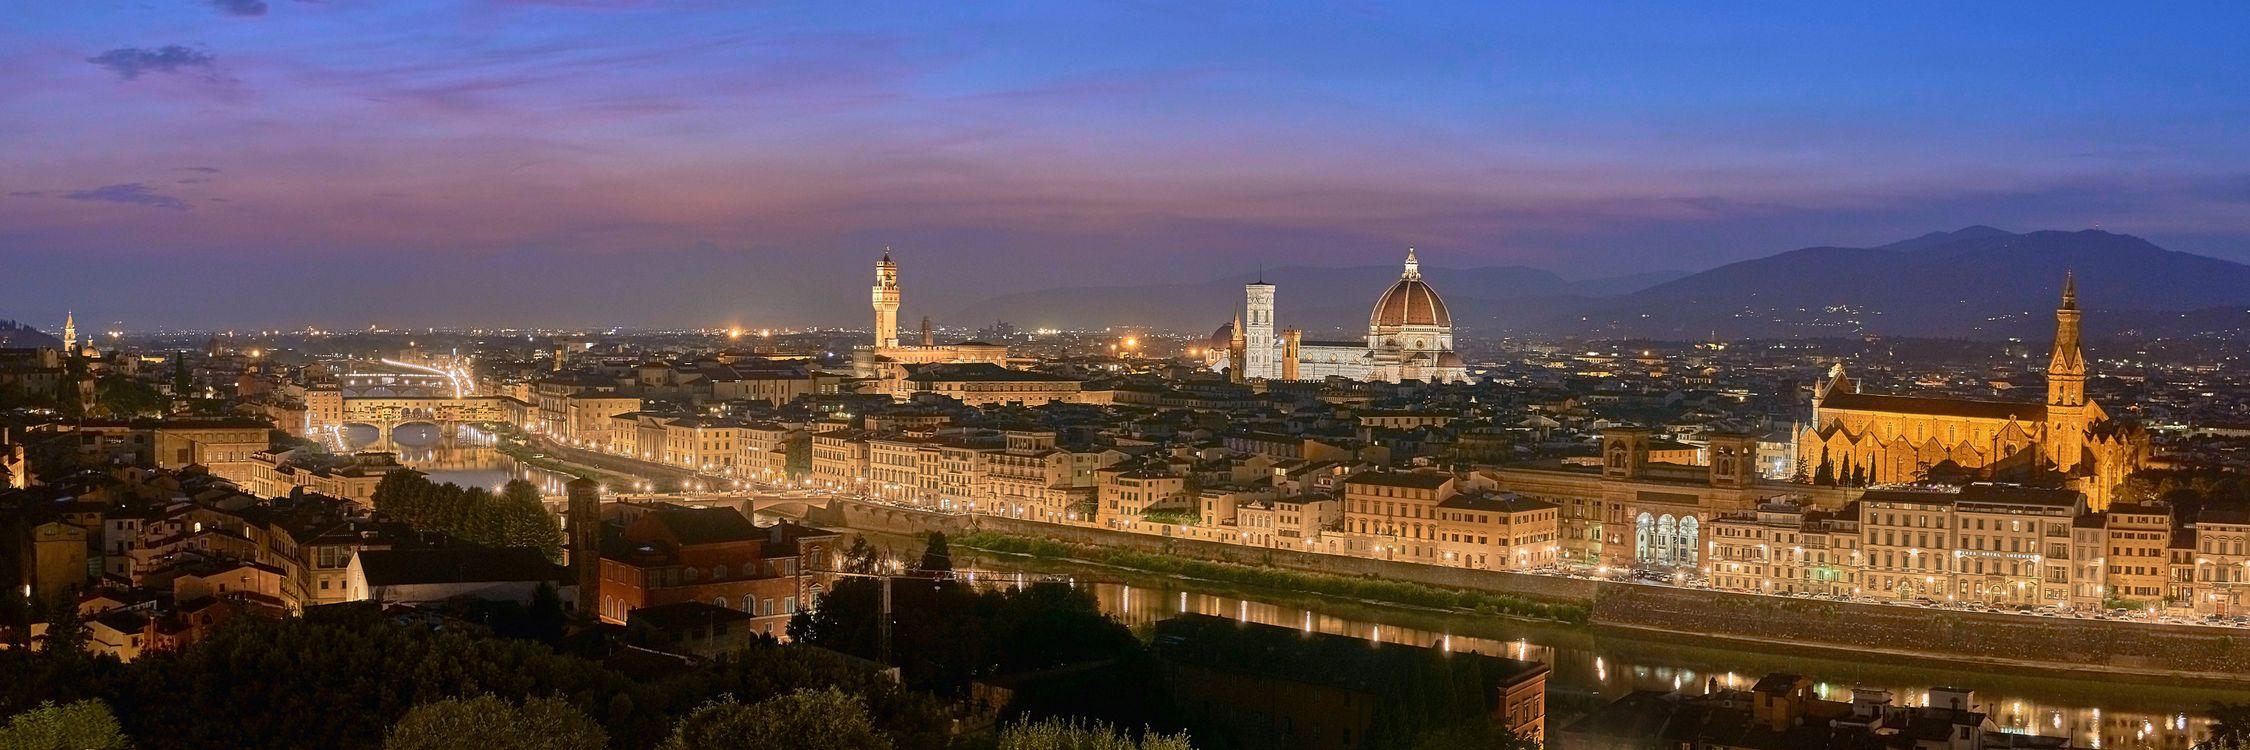 Фото бесплатно Флоренция, Италия, город, ночь, иллюминация, ночные города, панорама - на рабочий стол